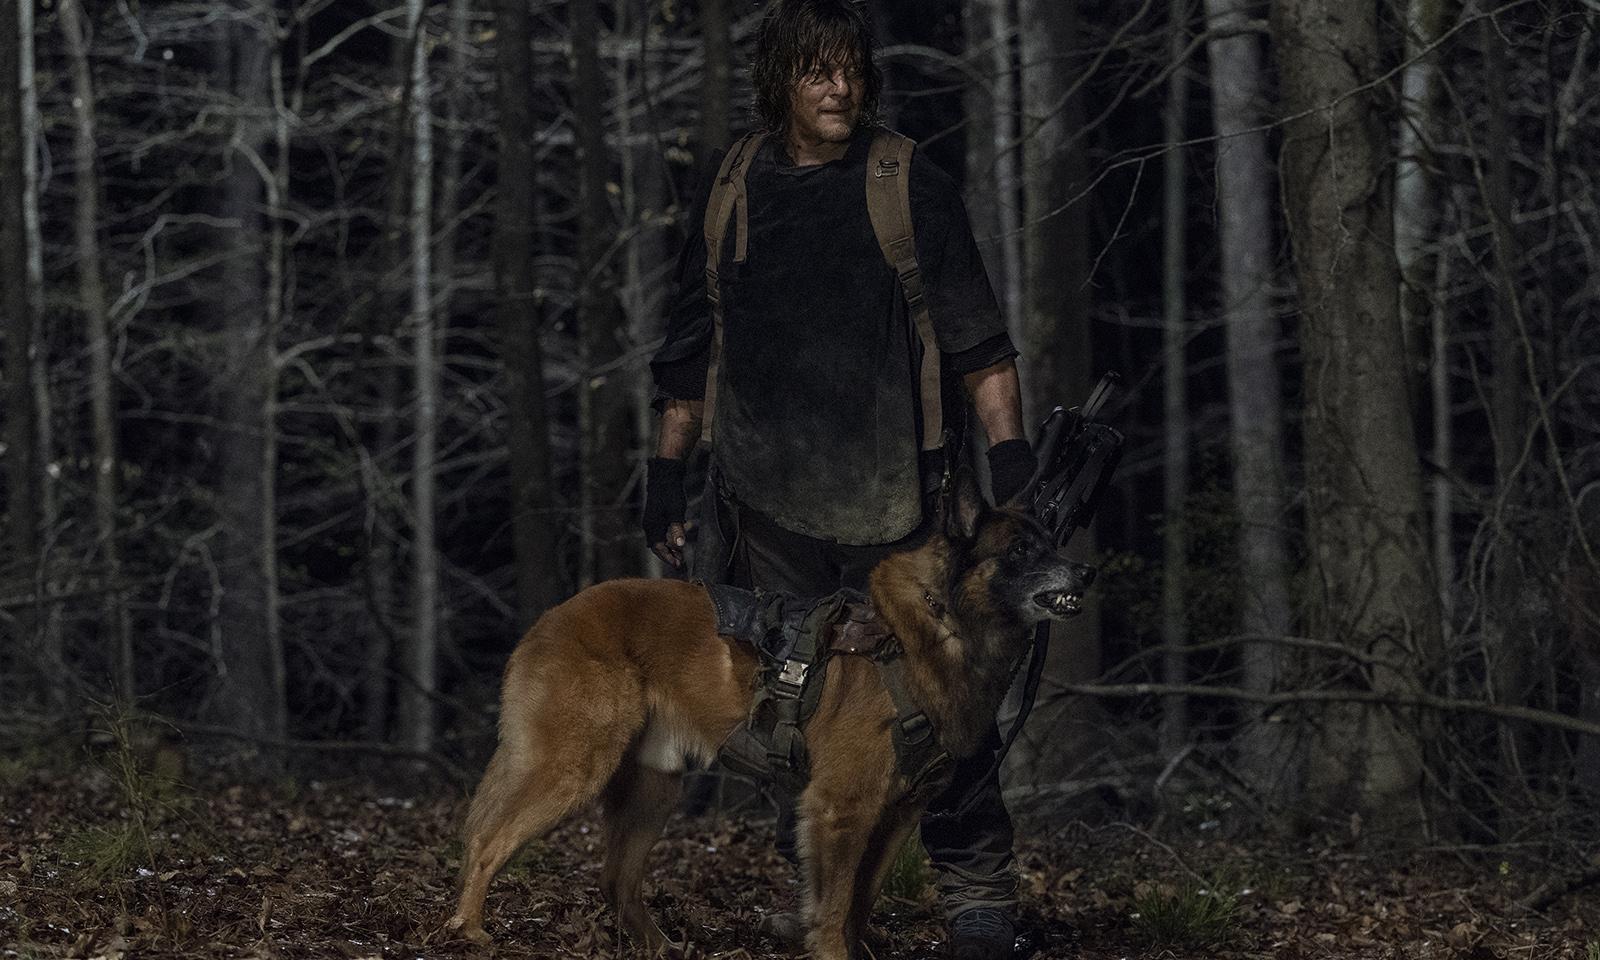 Daryl e Dog encarando algo ou alguém no episódio 4 da 11ª temporada de The Walking Dead.